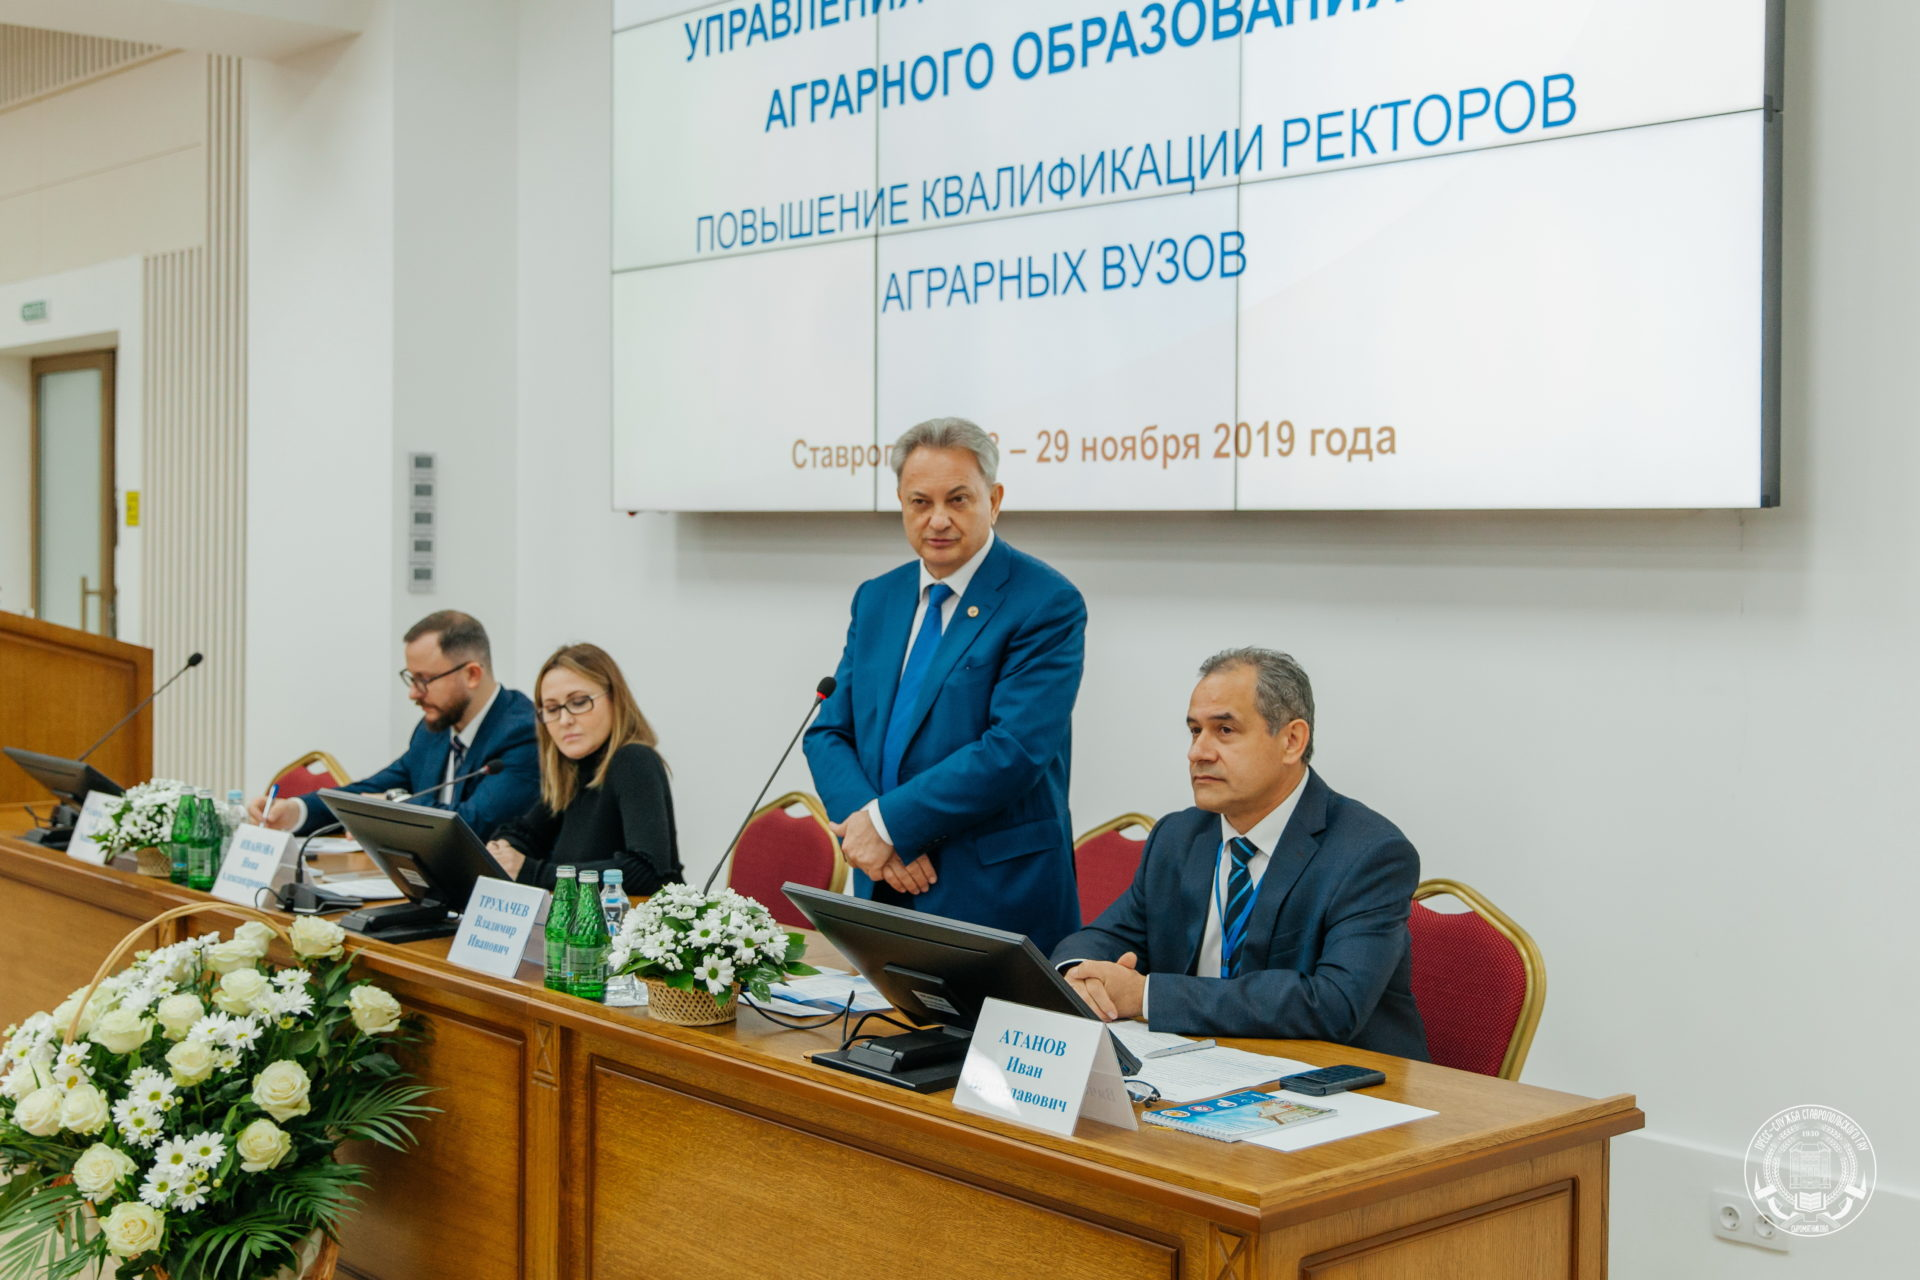 Всероссийское совещание ректоров аграрных вузов Министерства сельского хозяйства Российской Федерации